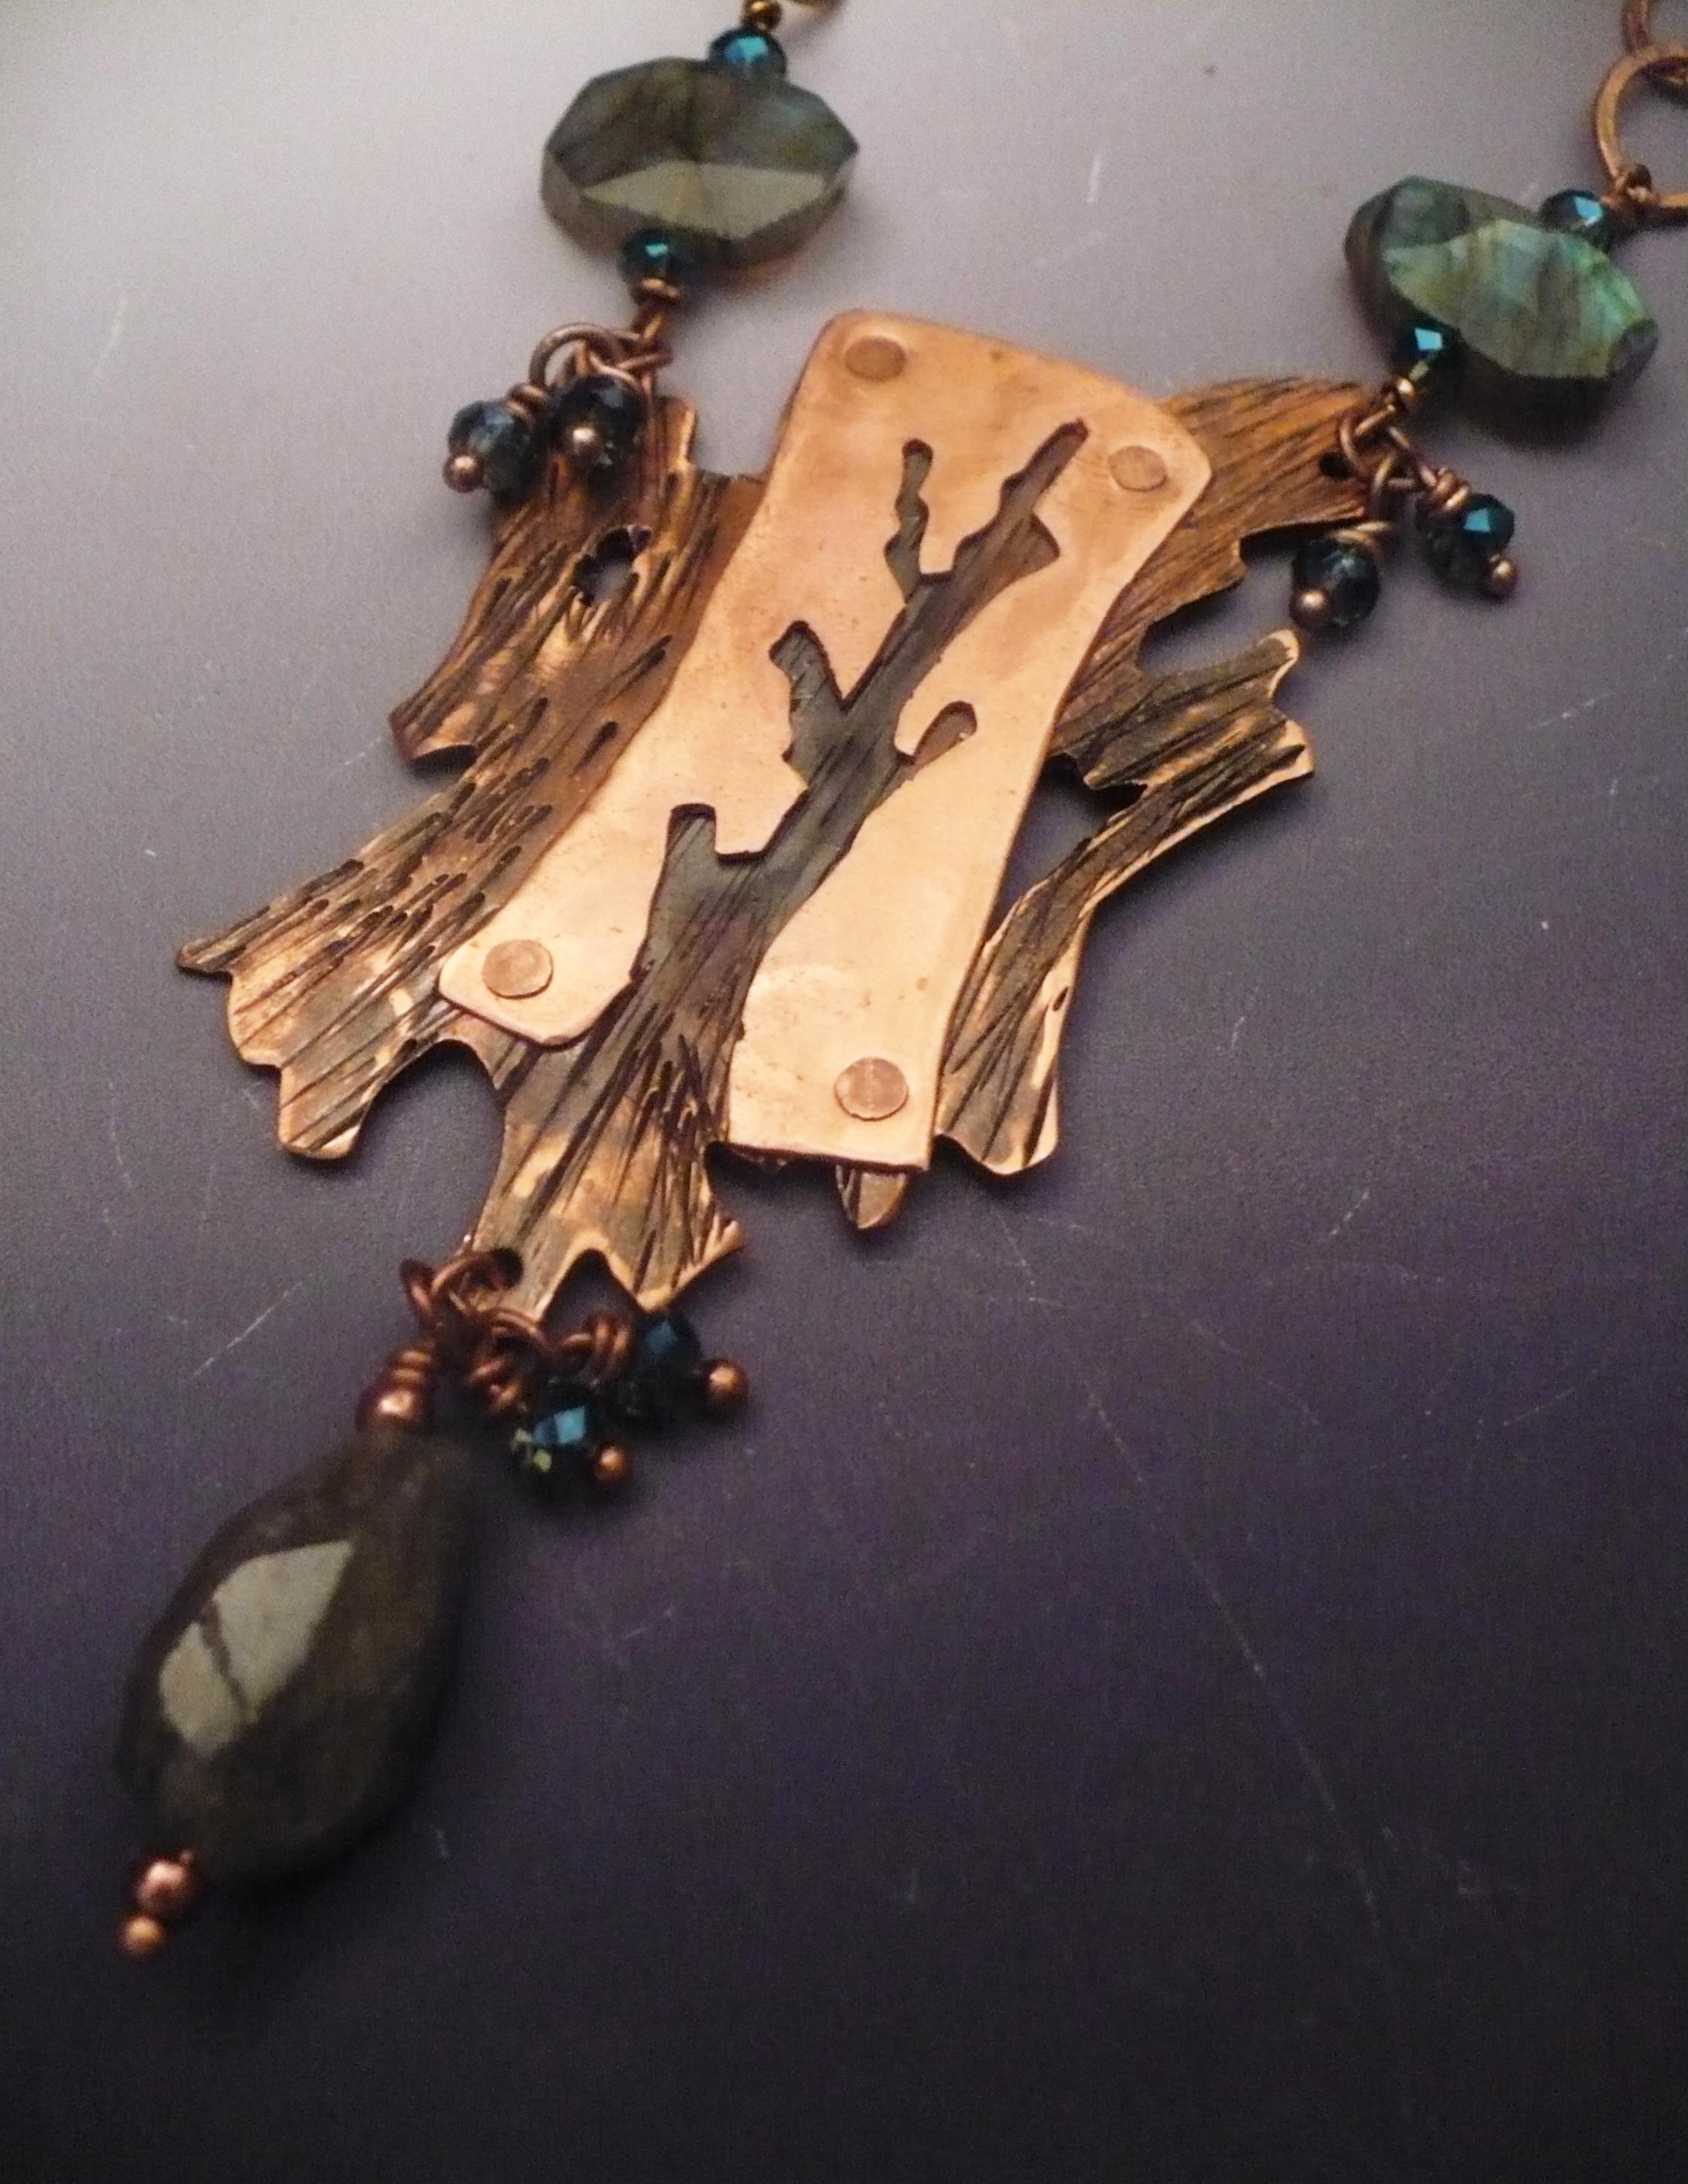 Jewelry by Allison Norfleet Bruenger